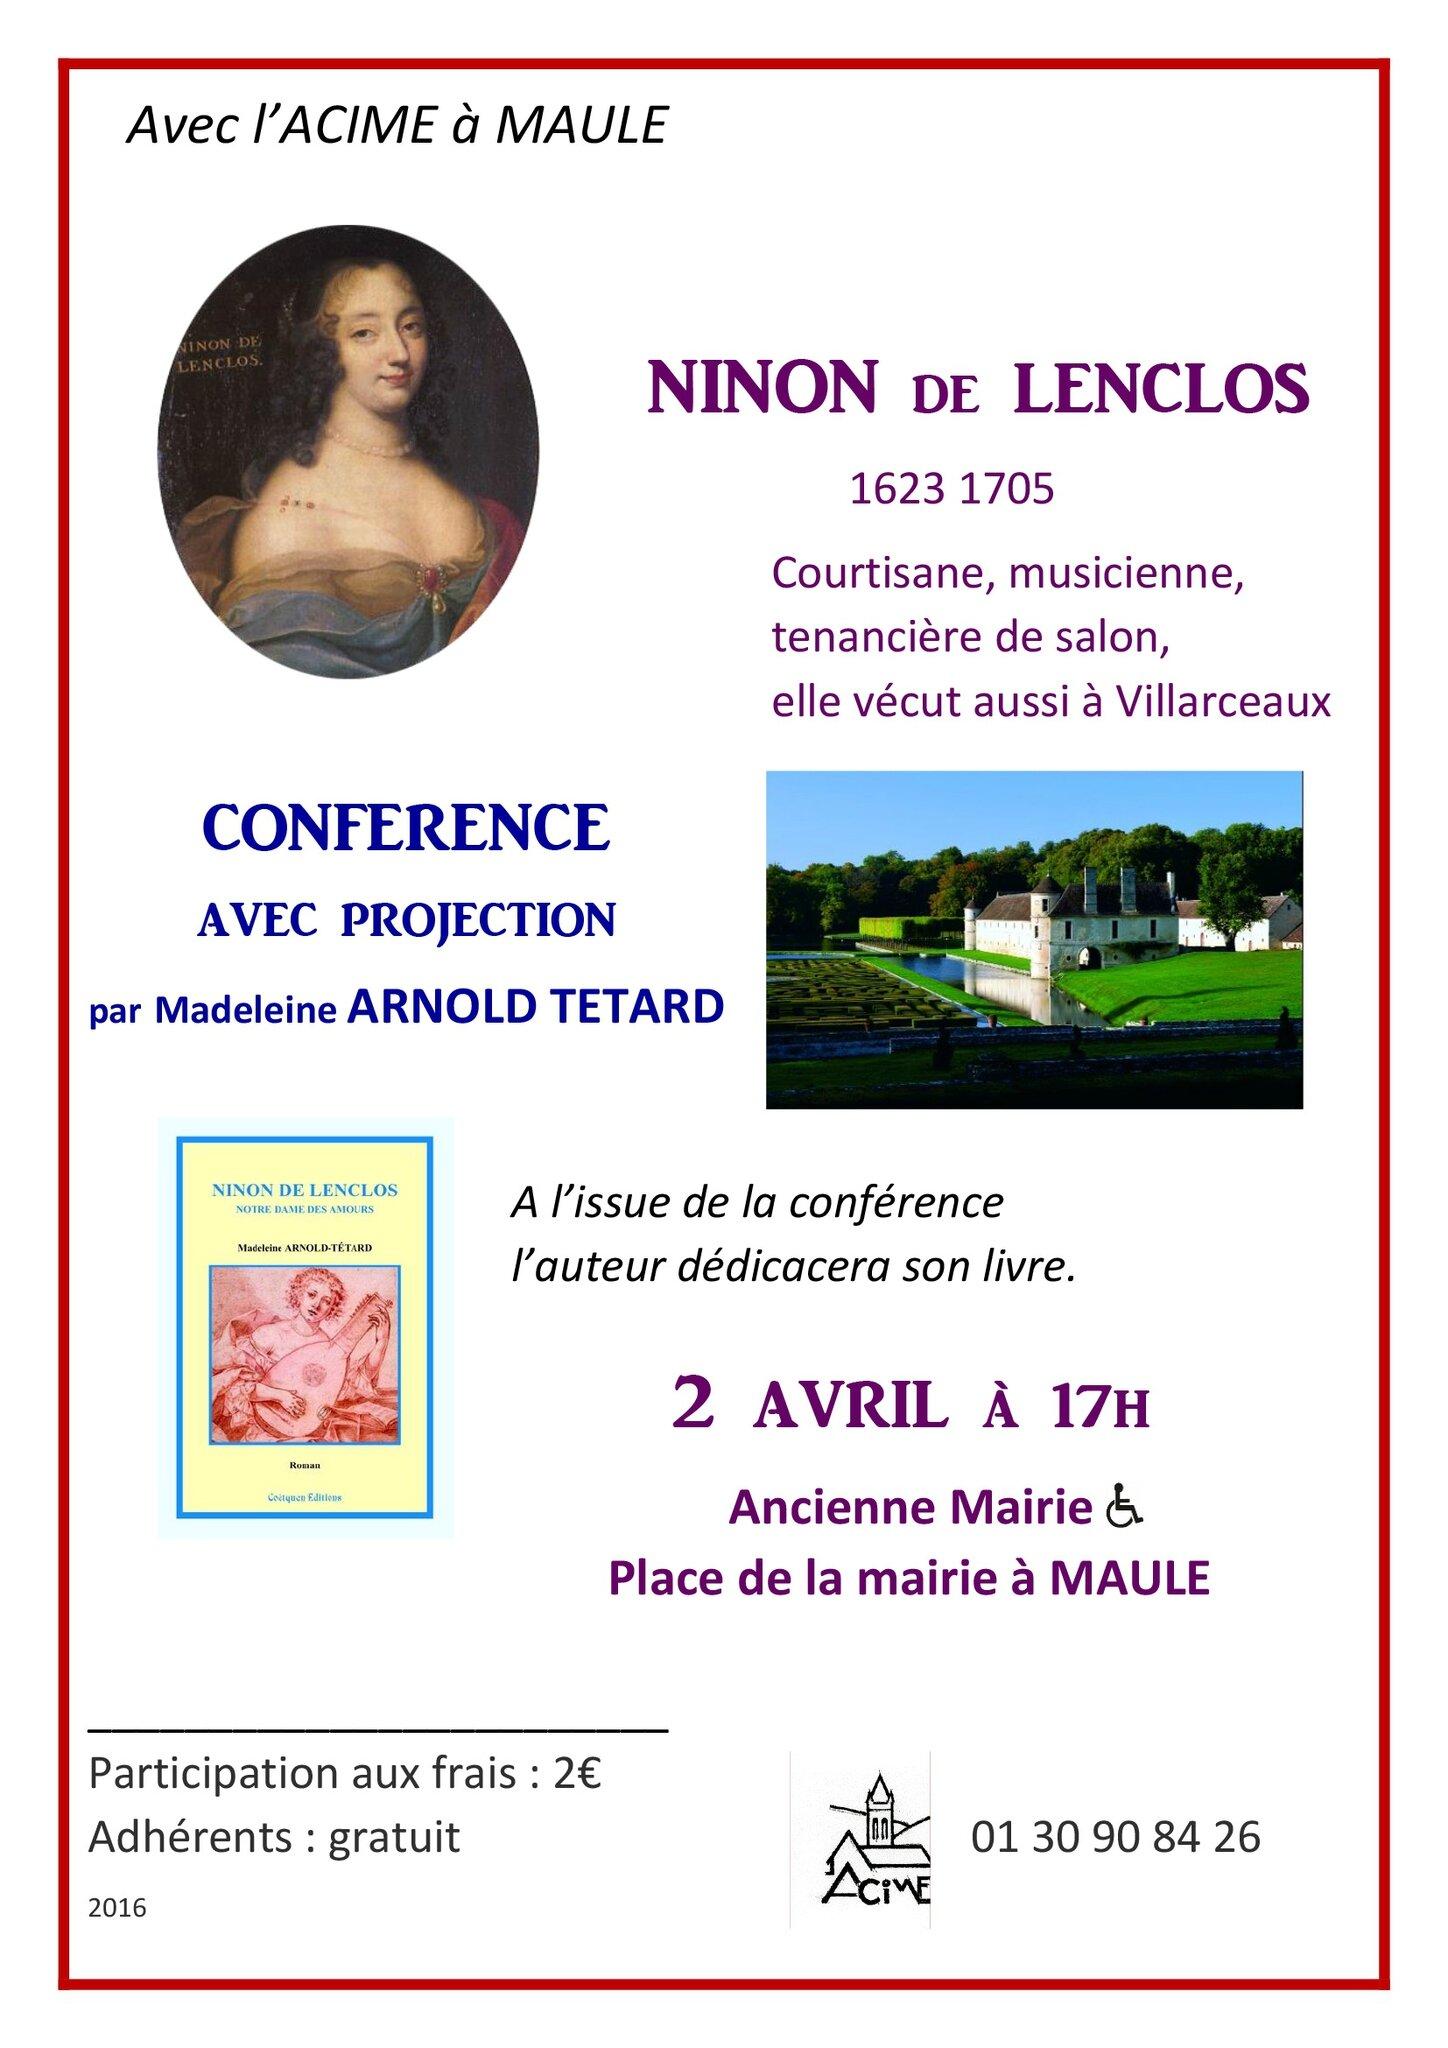 CONFERENCE SUR NINON DE LENCLOS LE SAMEDI 2 AVRIL organisée par l'A.C.I.M.E. de MAULE